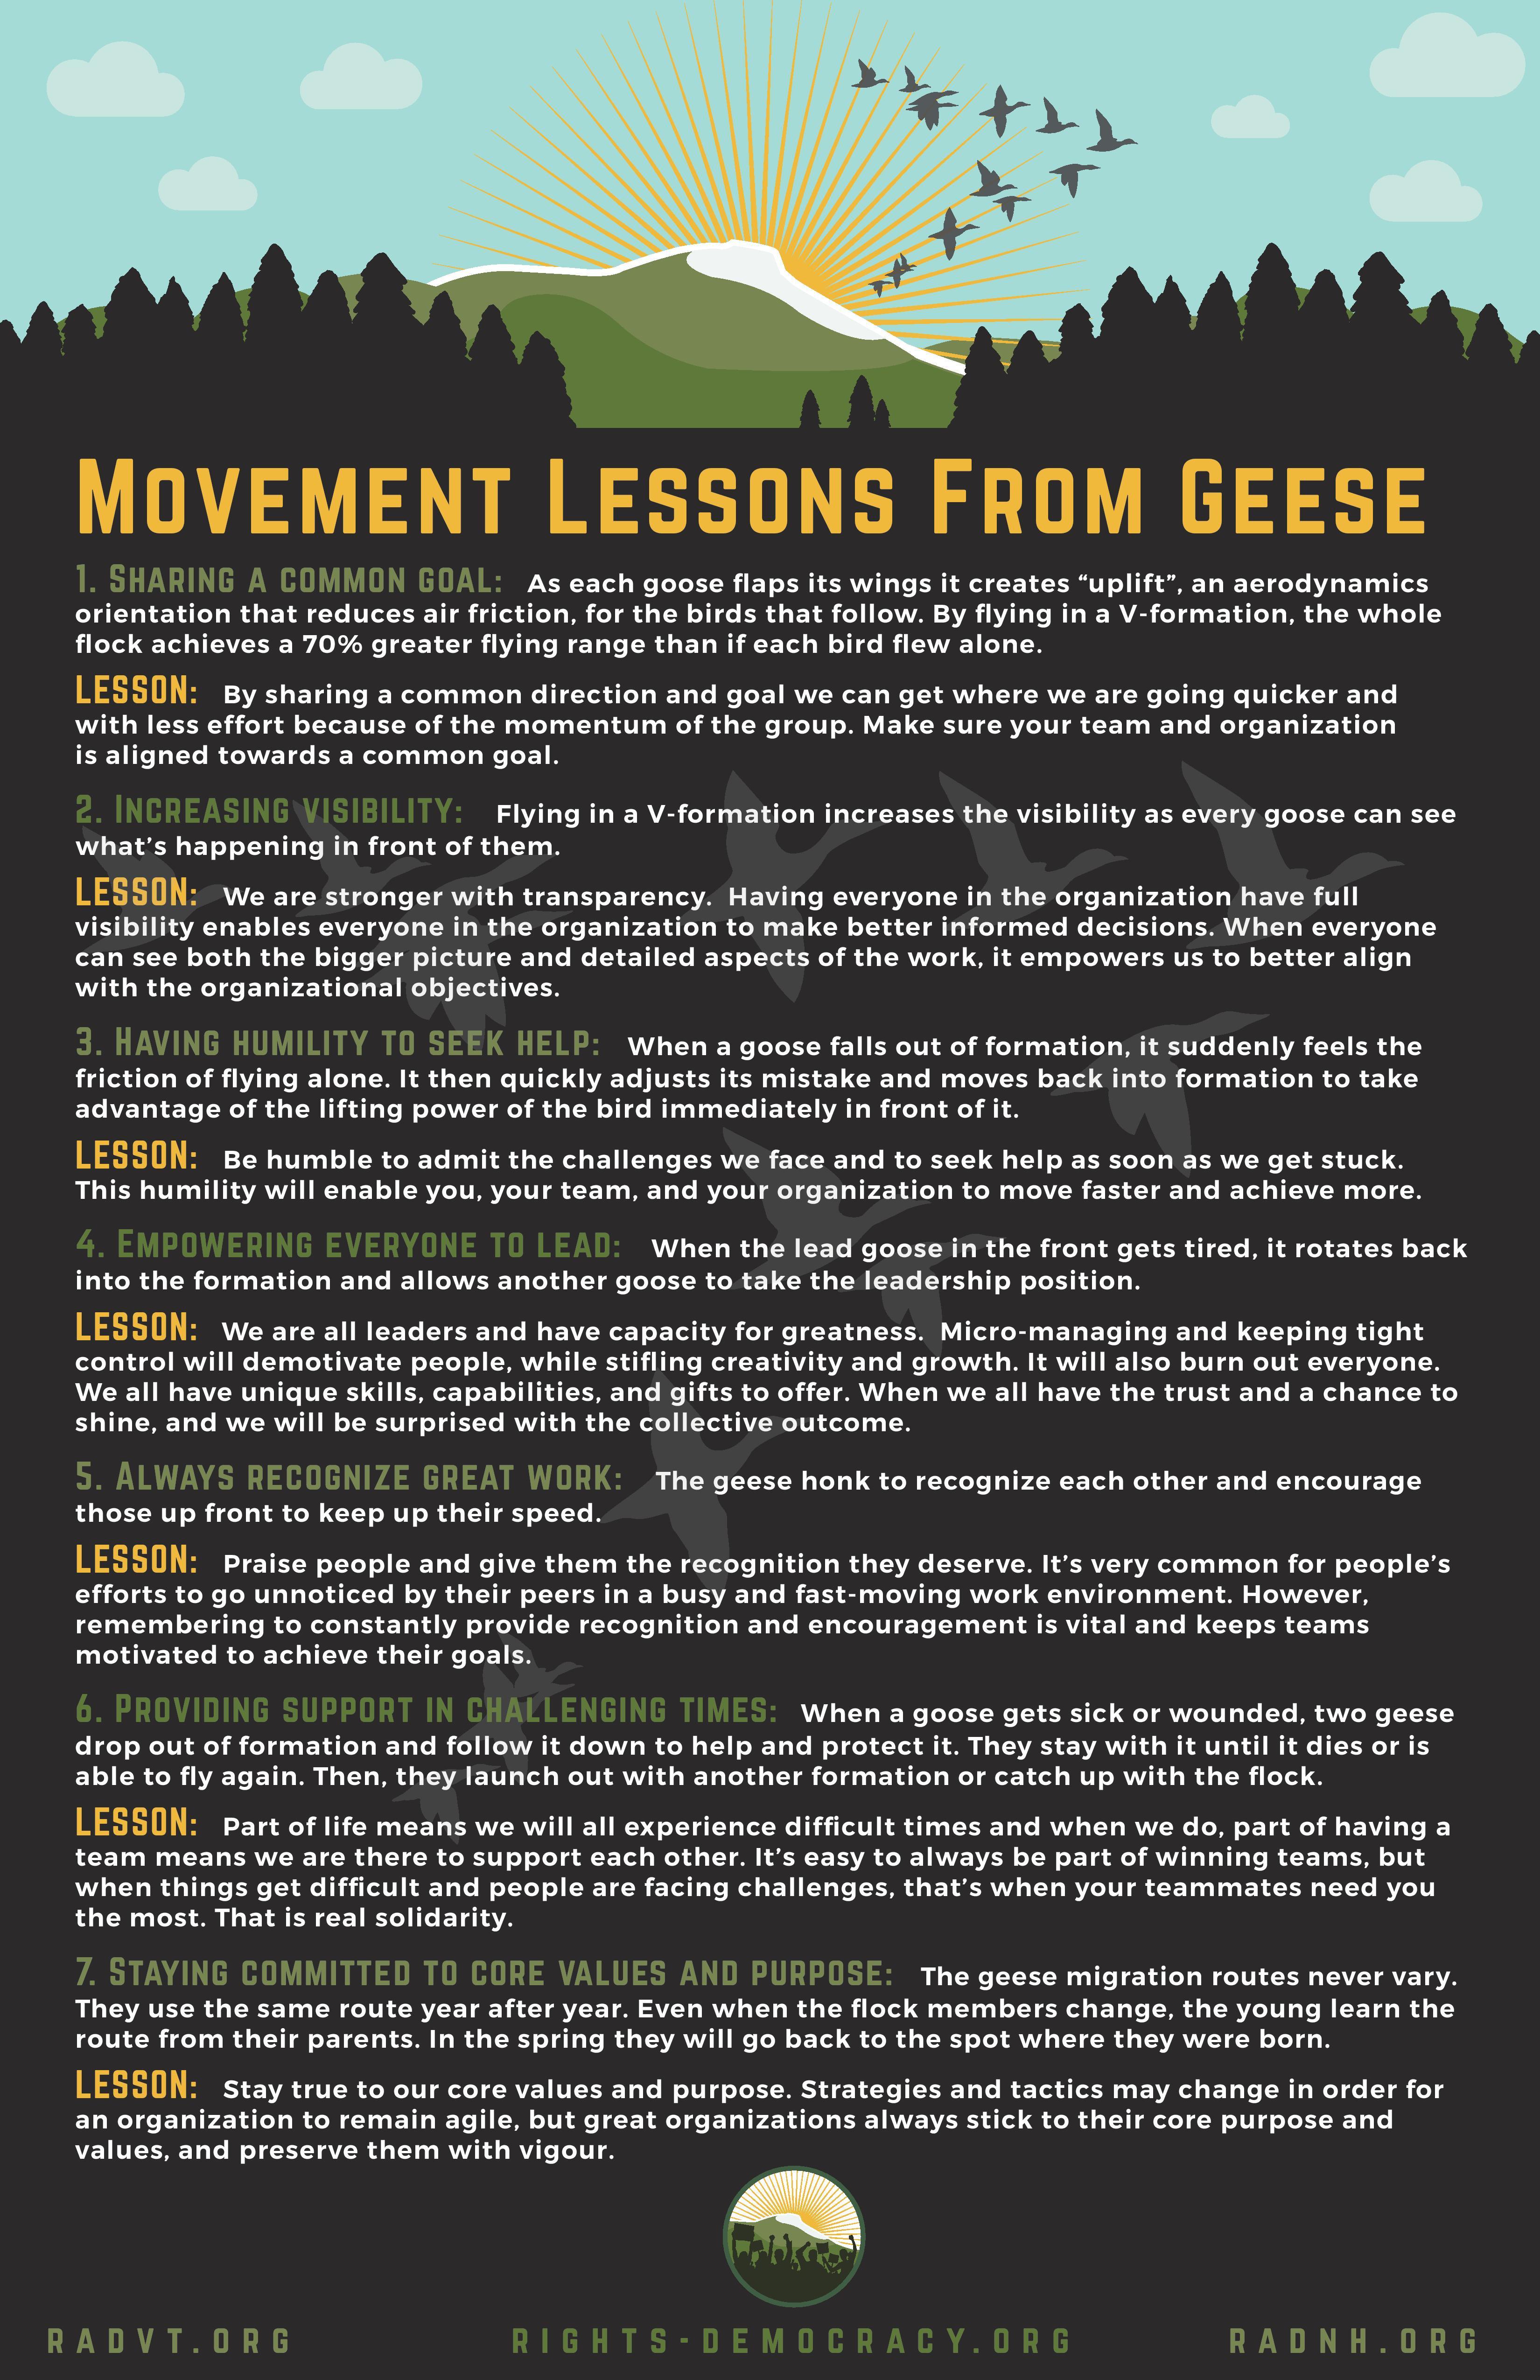 RAD_geese-page-001.jpg